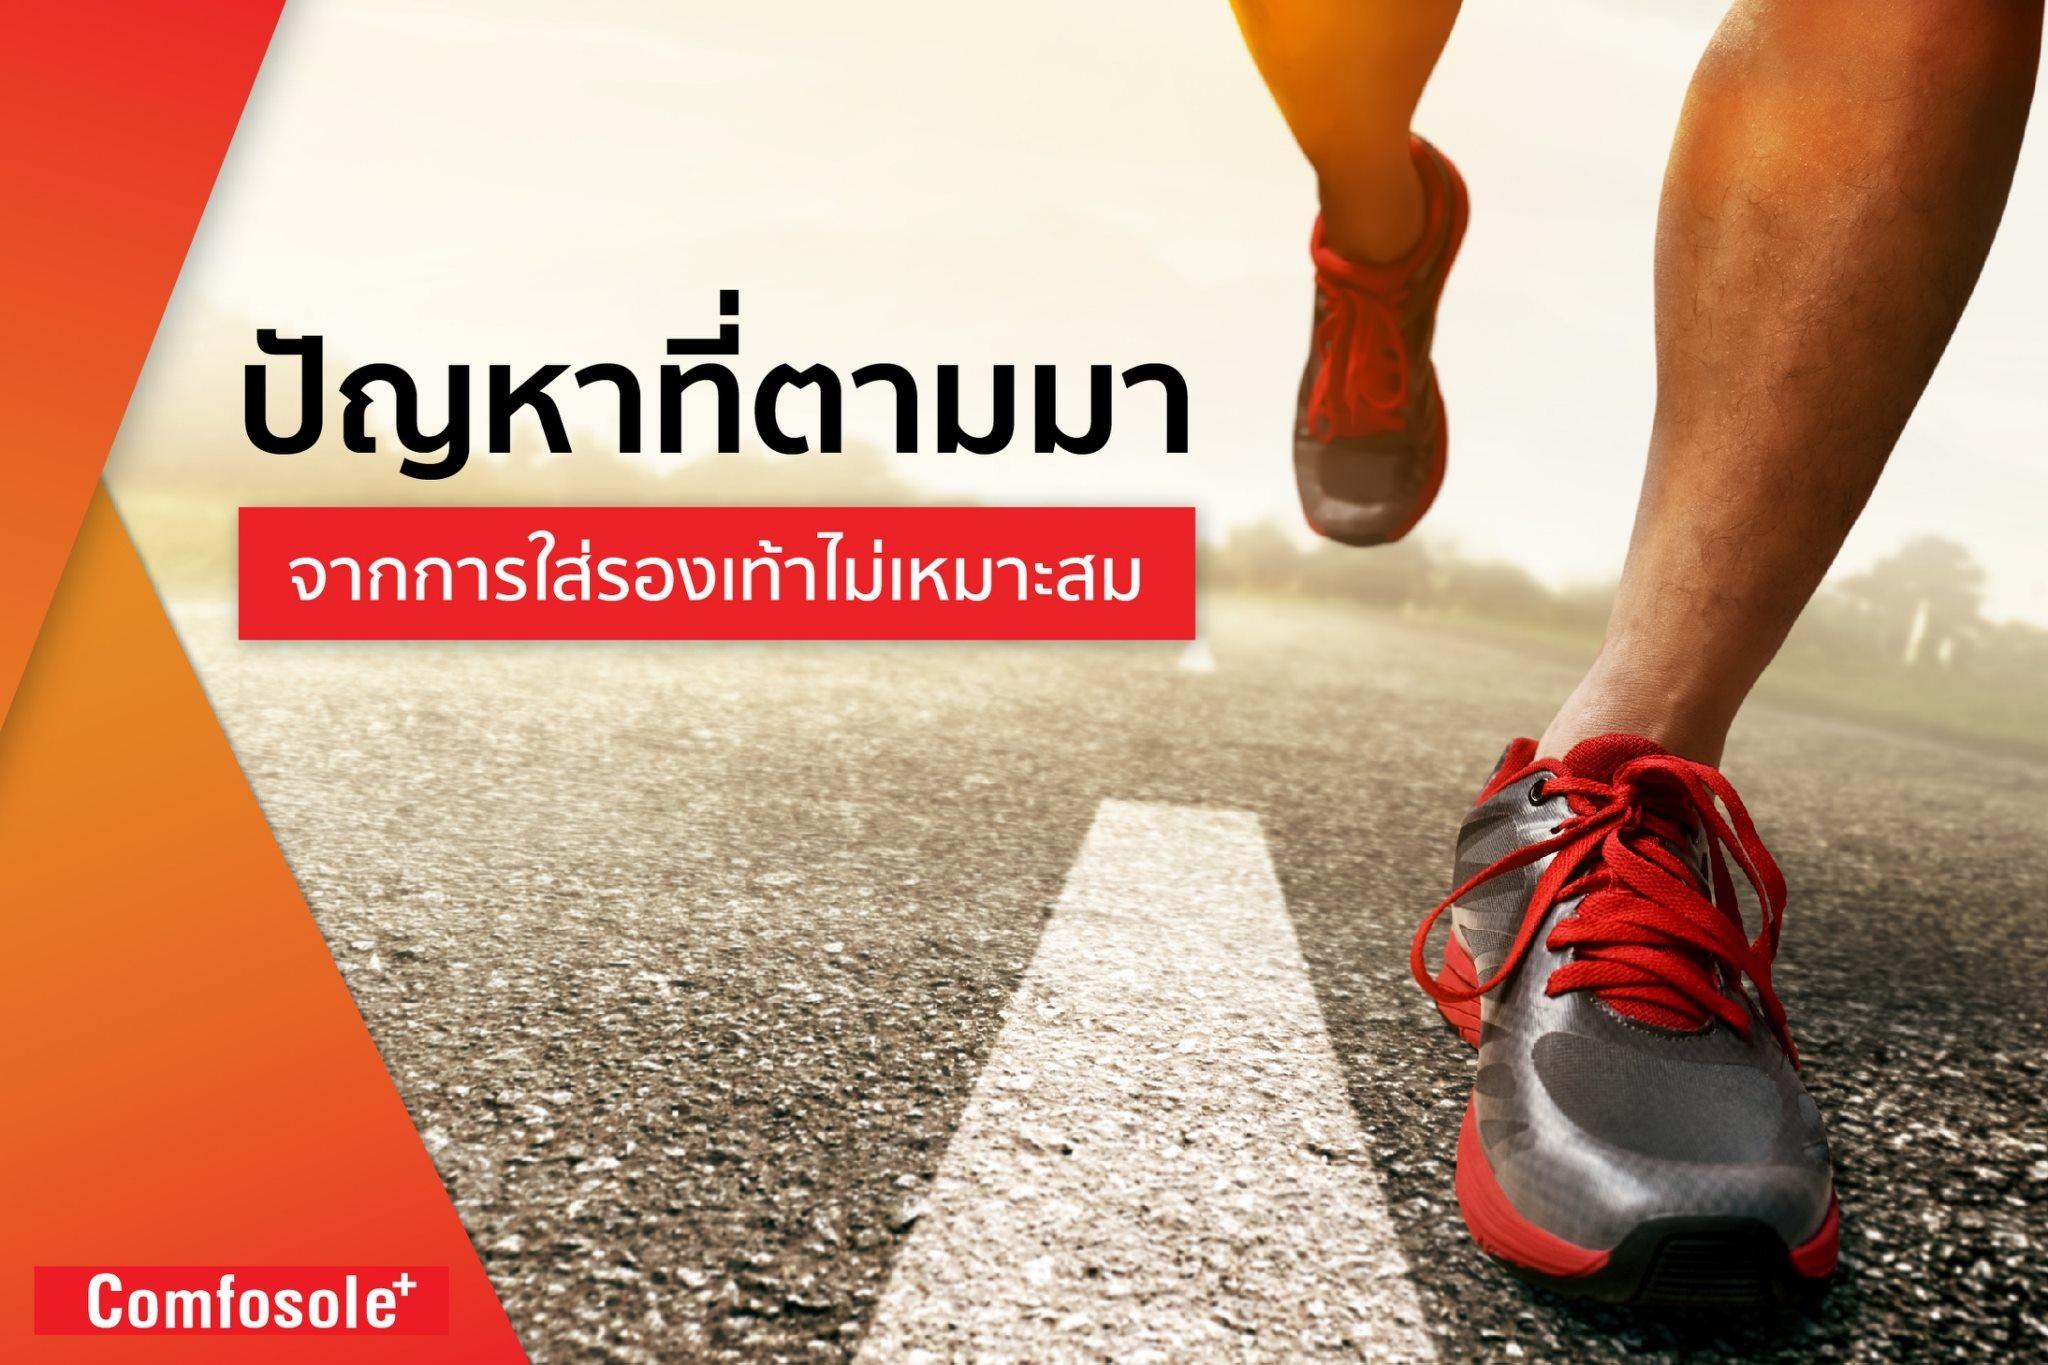 """#วิ่ง บ่อยๆ กลับ #ปวดเท้า """" เป็นเพราะวิ่ง หรือ เป็นที่เราเลือกใช้รองเท้าไม่เหมาะสม...?"""